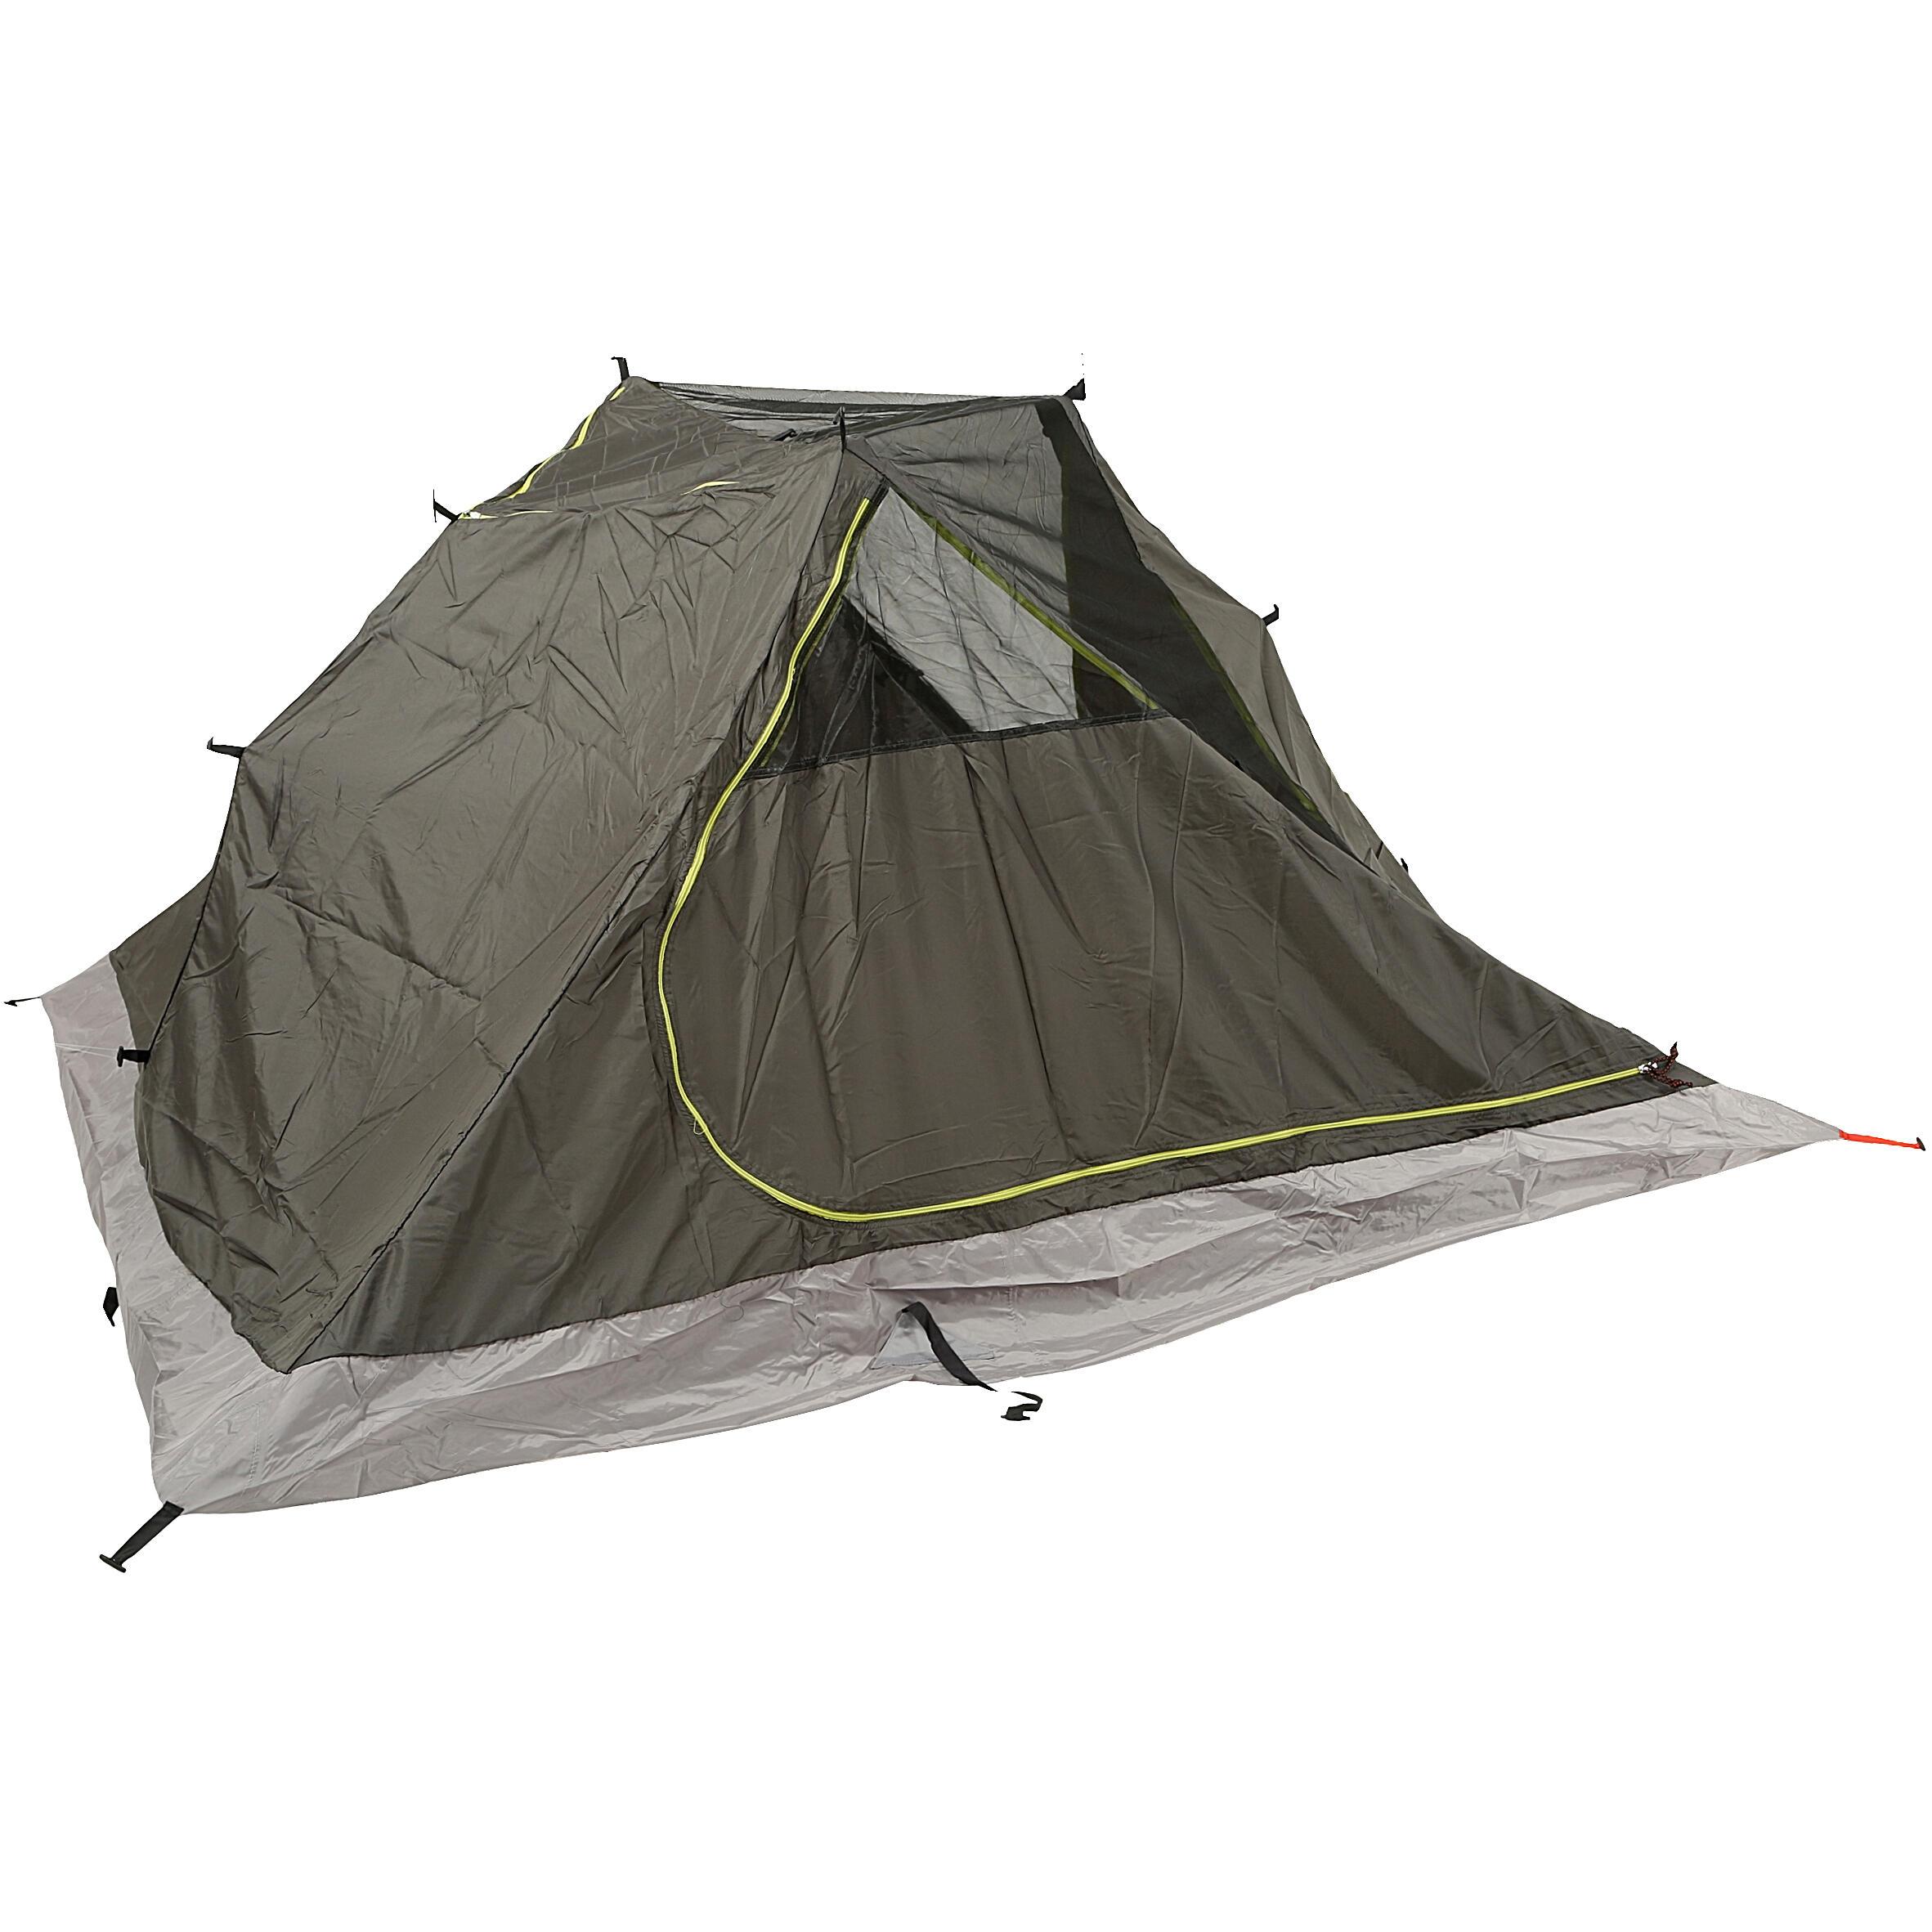 Quechua Binnentent voor de Quickhiker 3-tent